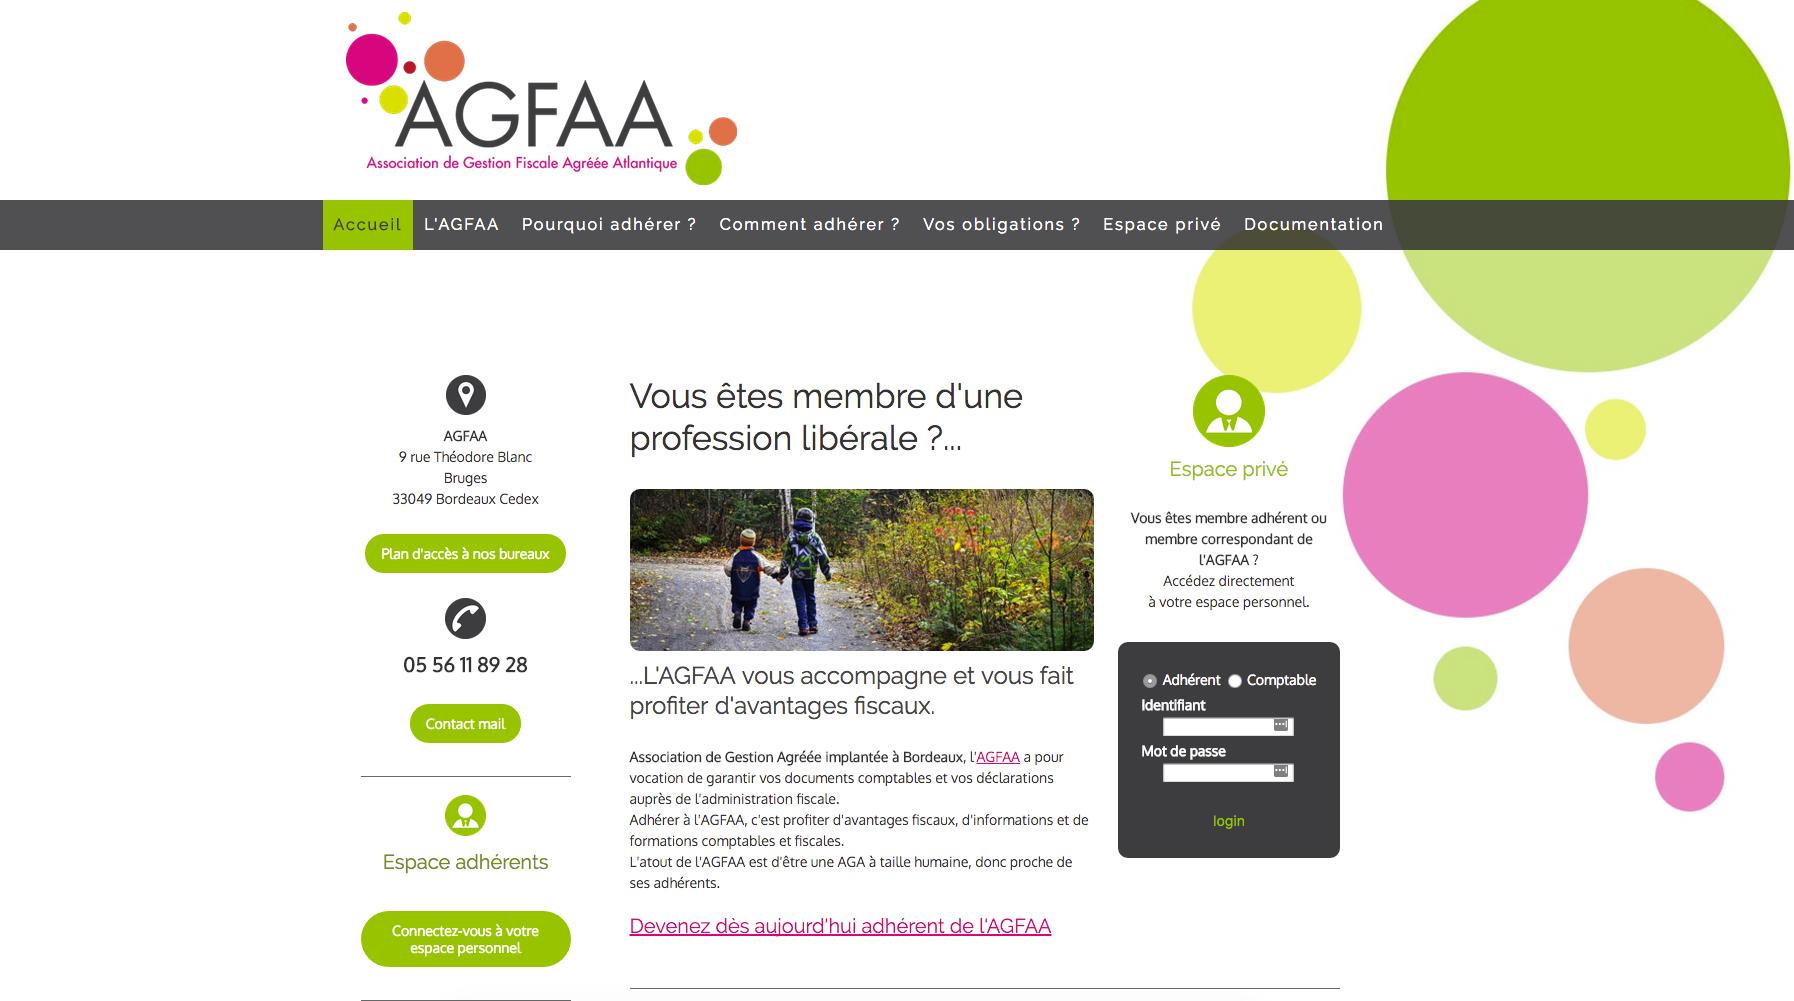 http://www.agfaa.fr